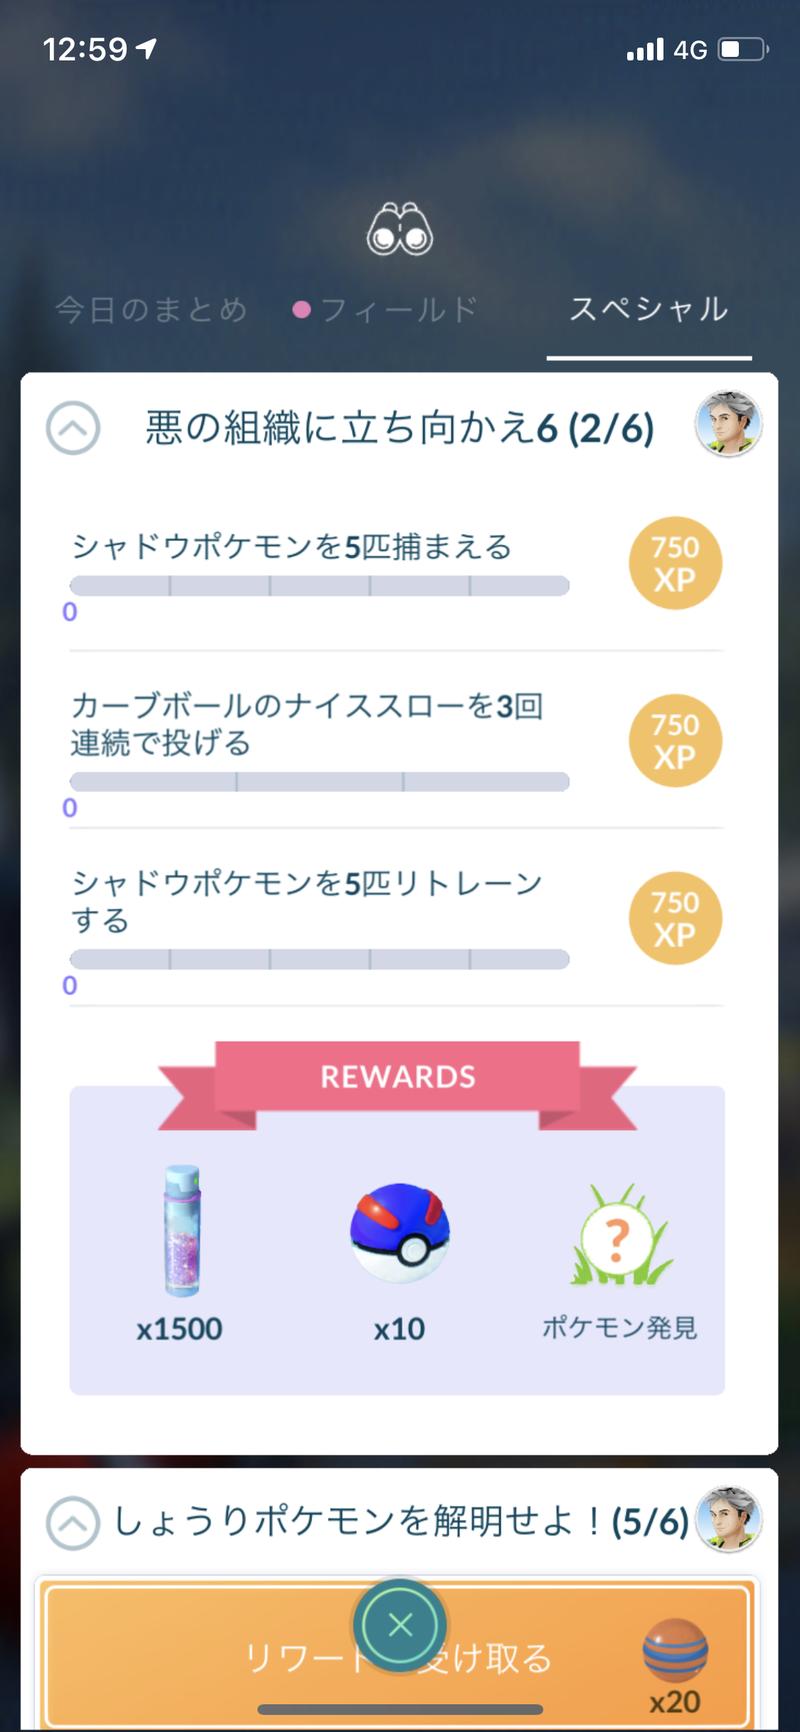 タスク サカキ ポケモン go 【ポケモンGO】タスク一覧と報酬ポケモン フィールドリサーチ